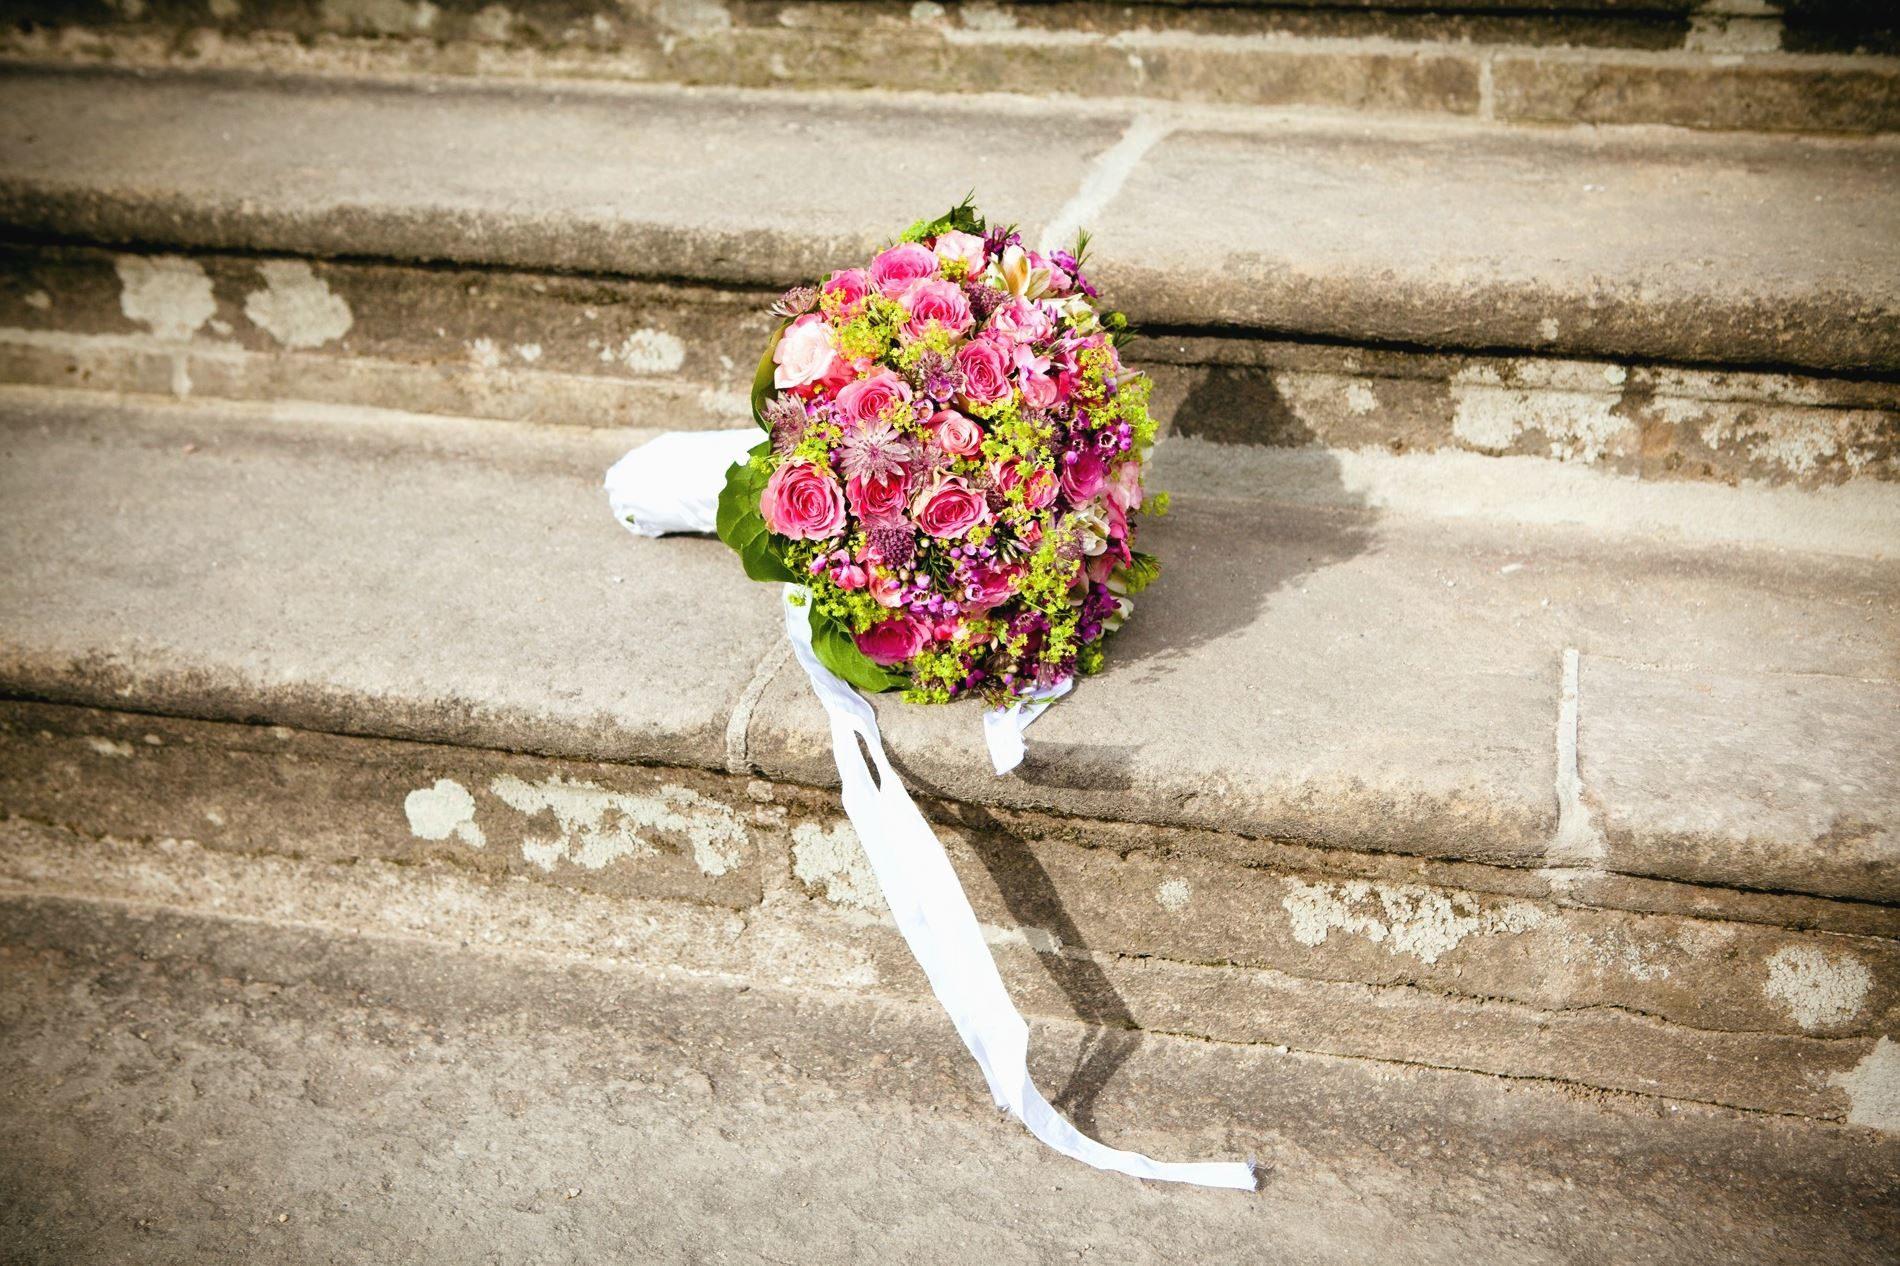 Lampada Fiore Tulipano : Foto gratis: bouquet matrimonio scale fiore petalo